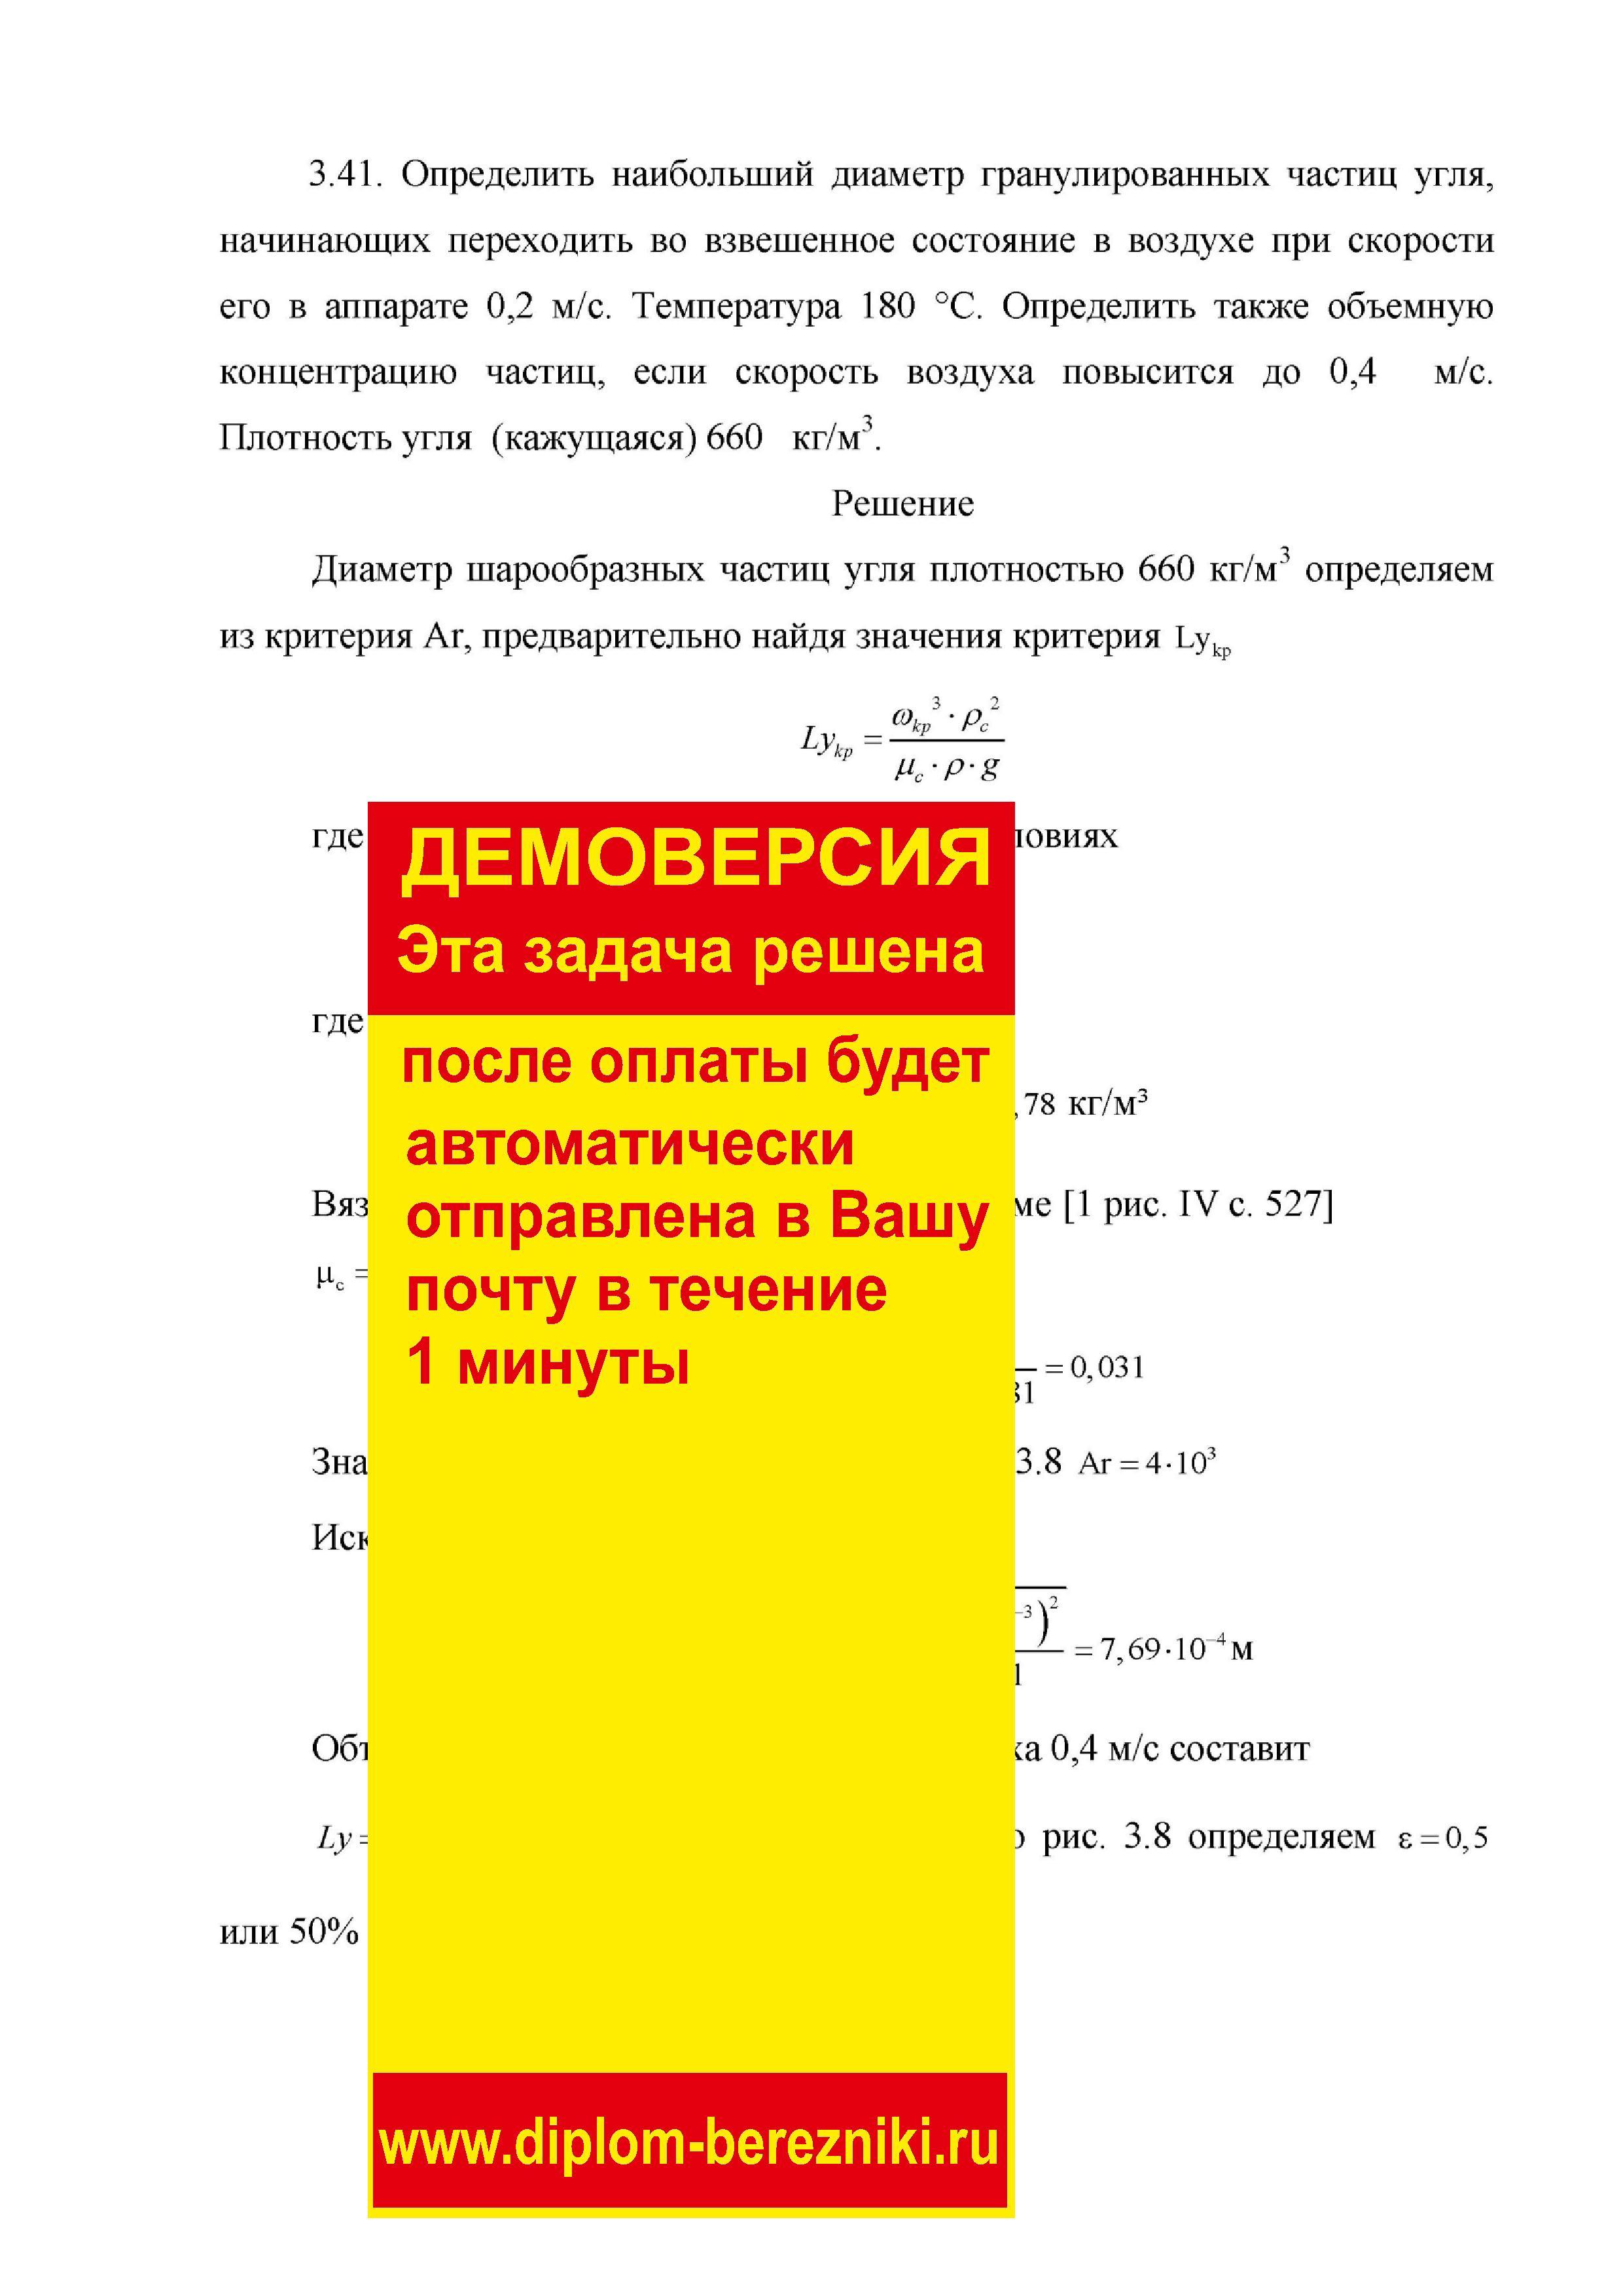 Решение задачи 3.41 по ПАХТ из задачника Павлова Романкова Носкова